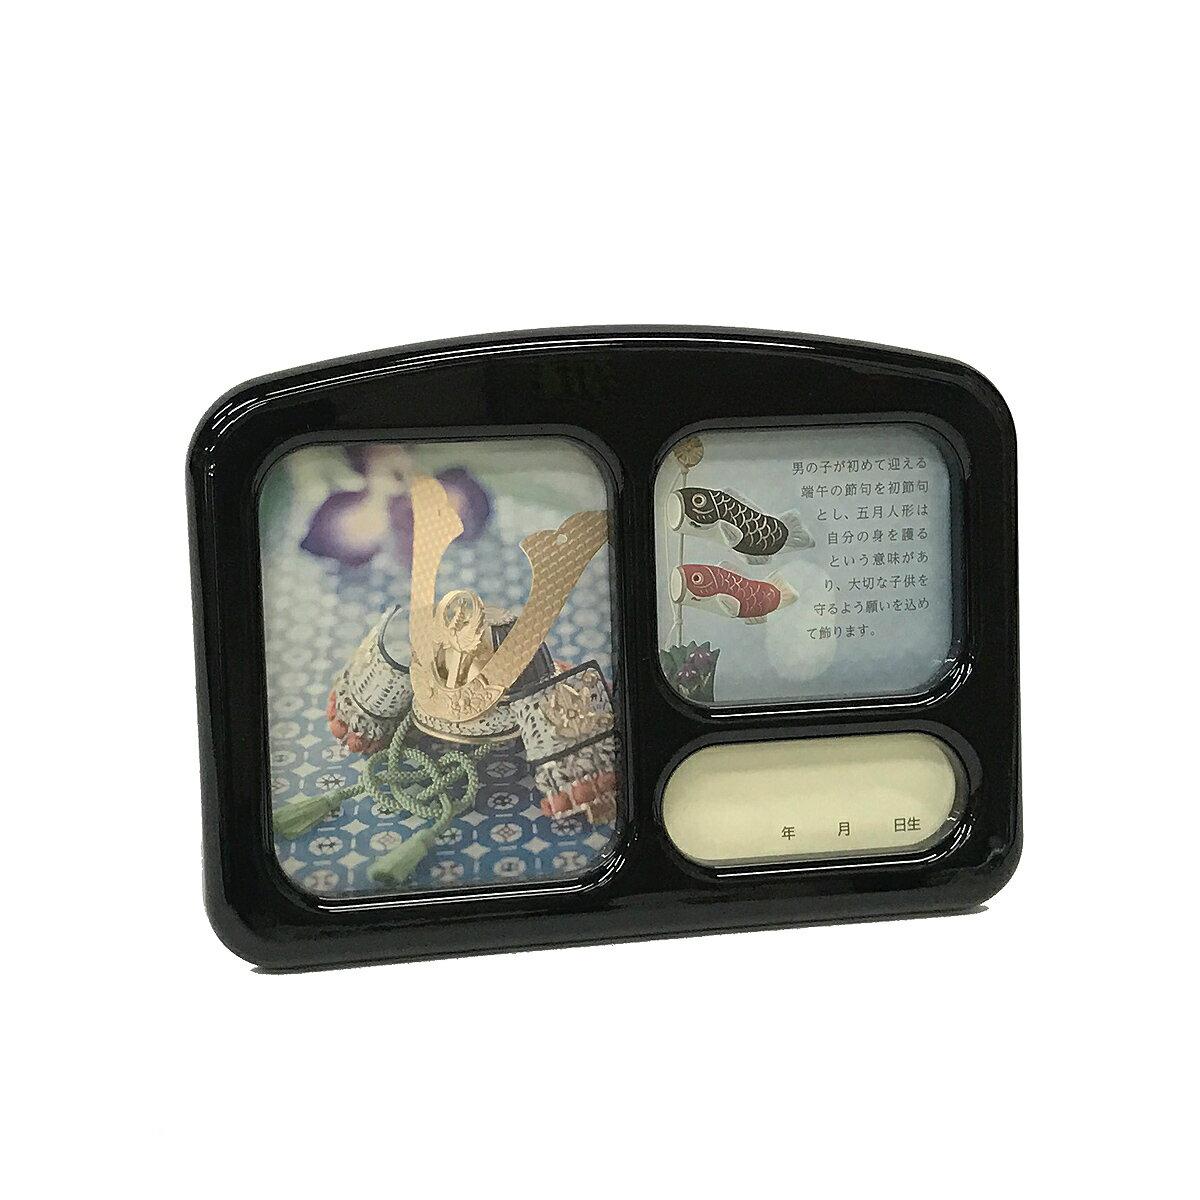 五月人形 端午の節句 オルゴール付き写真立て (小) フォトフレーム 日本製 黒 曲名:こいのぼり 【RCP】